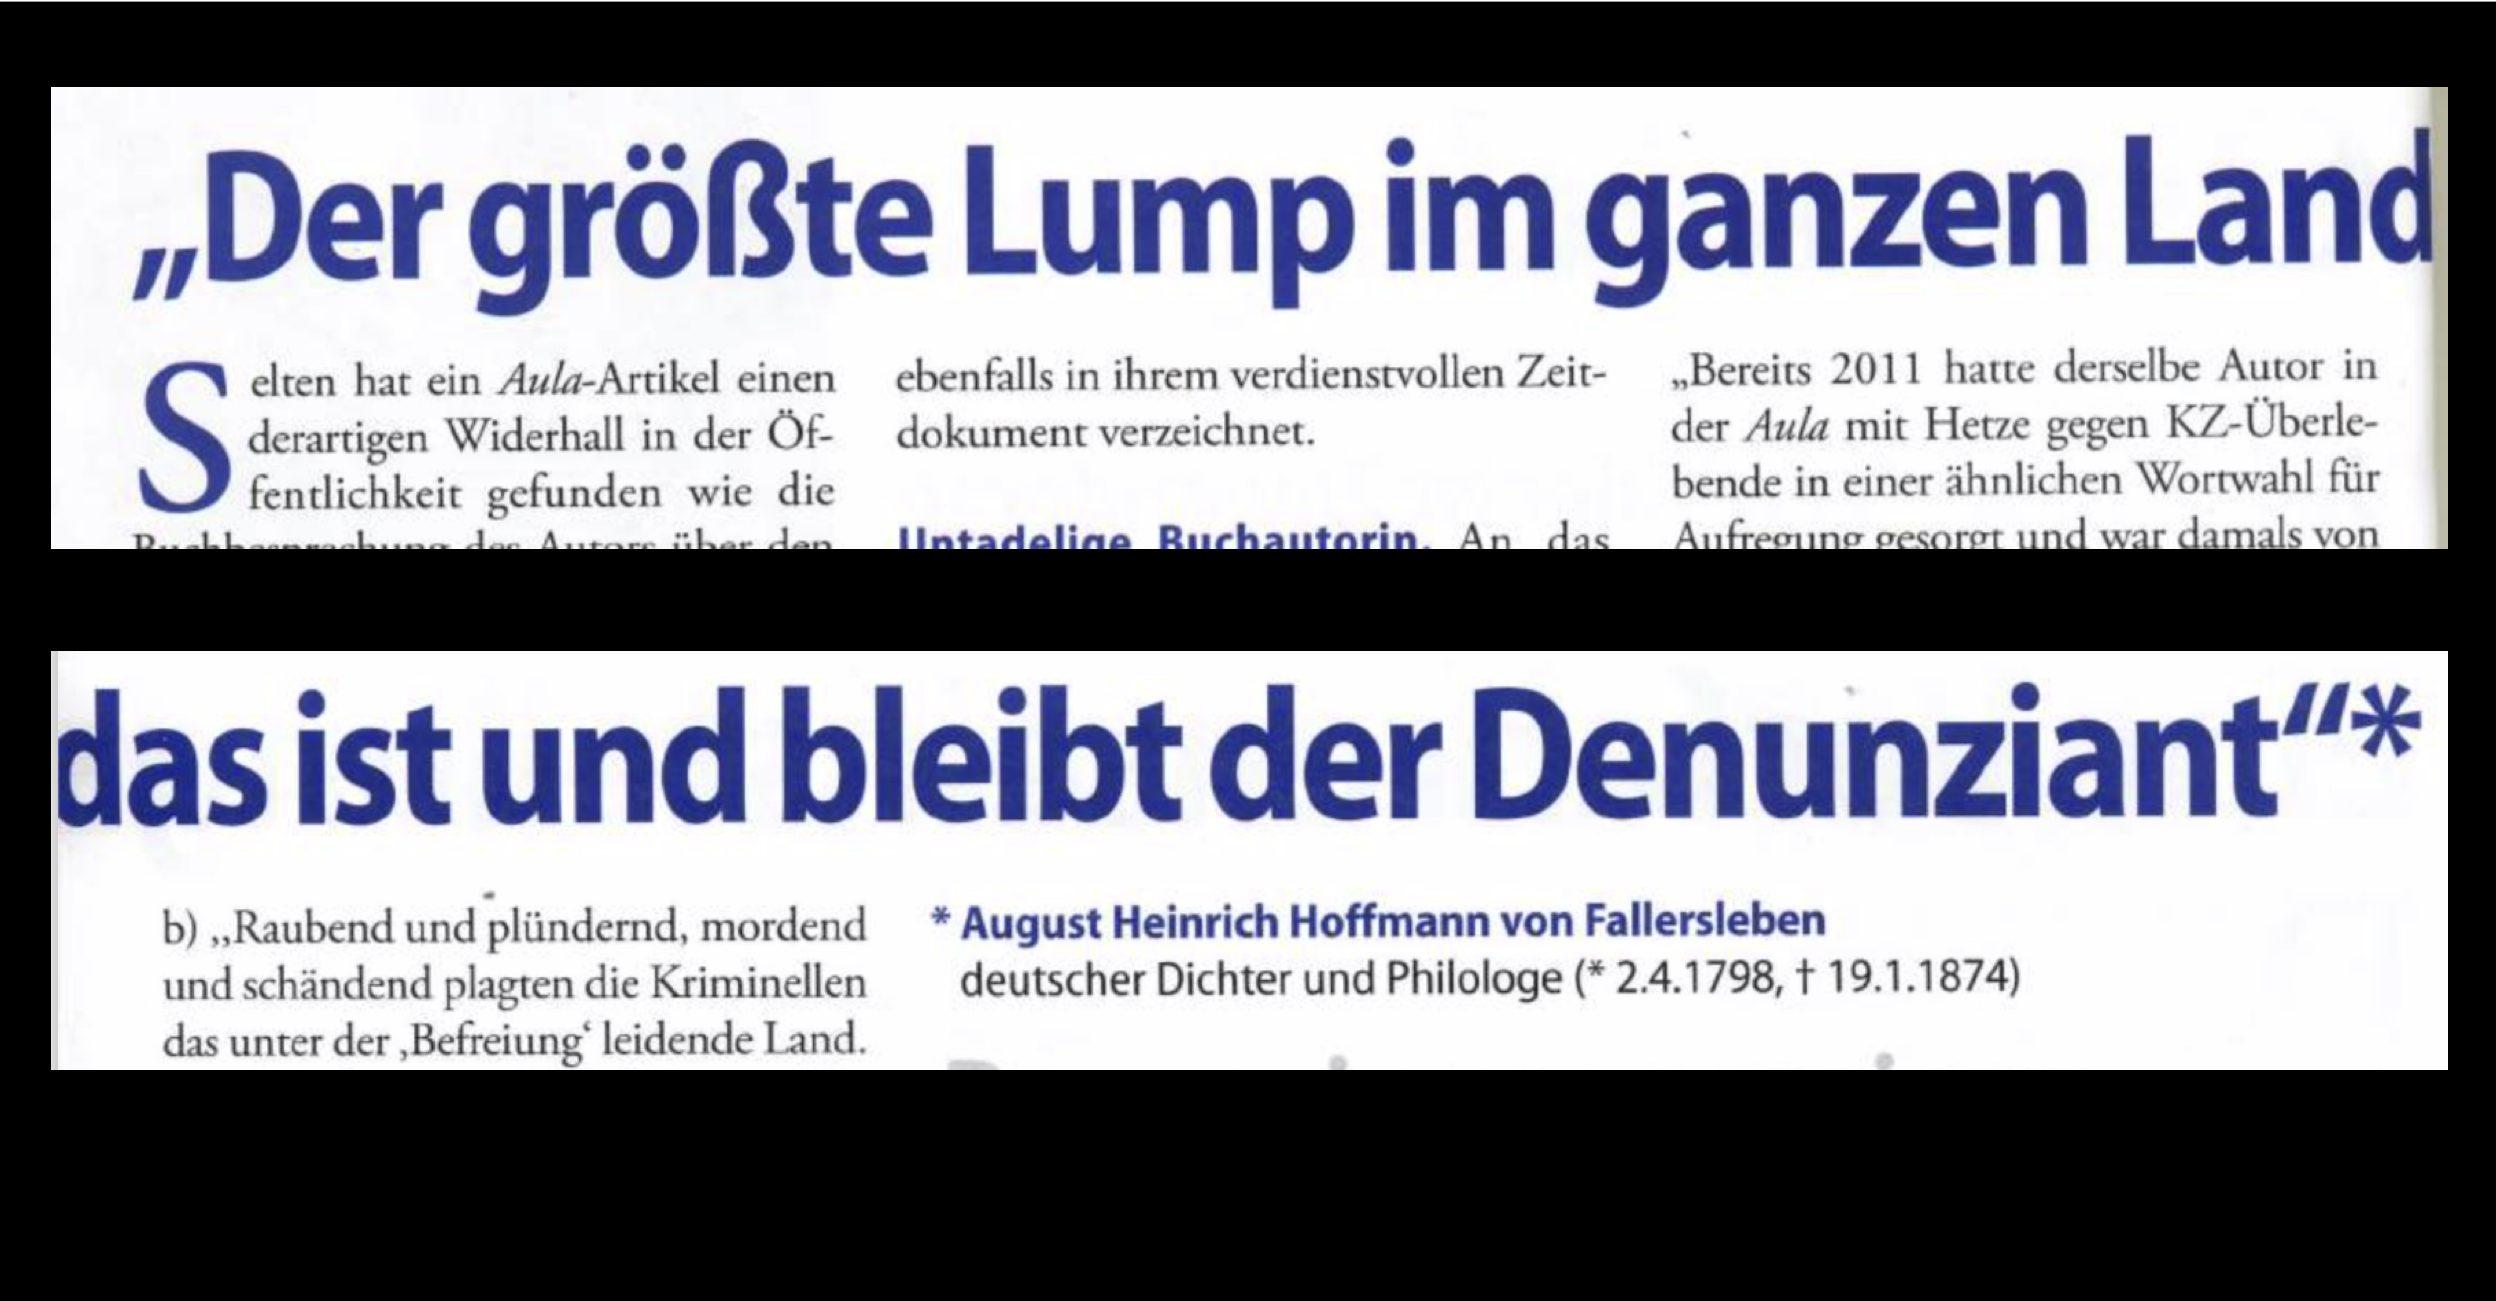 """Aula-Artikel Febr. 2016, in dem die diffamierenden Zitate zu den KZ-Überlebenden wortwörtlich wiederholt und der ehemalige Grüne Abgeordnete Harald Walser u.a. als """"Lump"""" beschimpft wurde."""